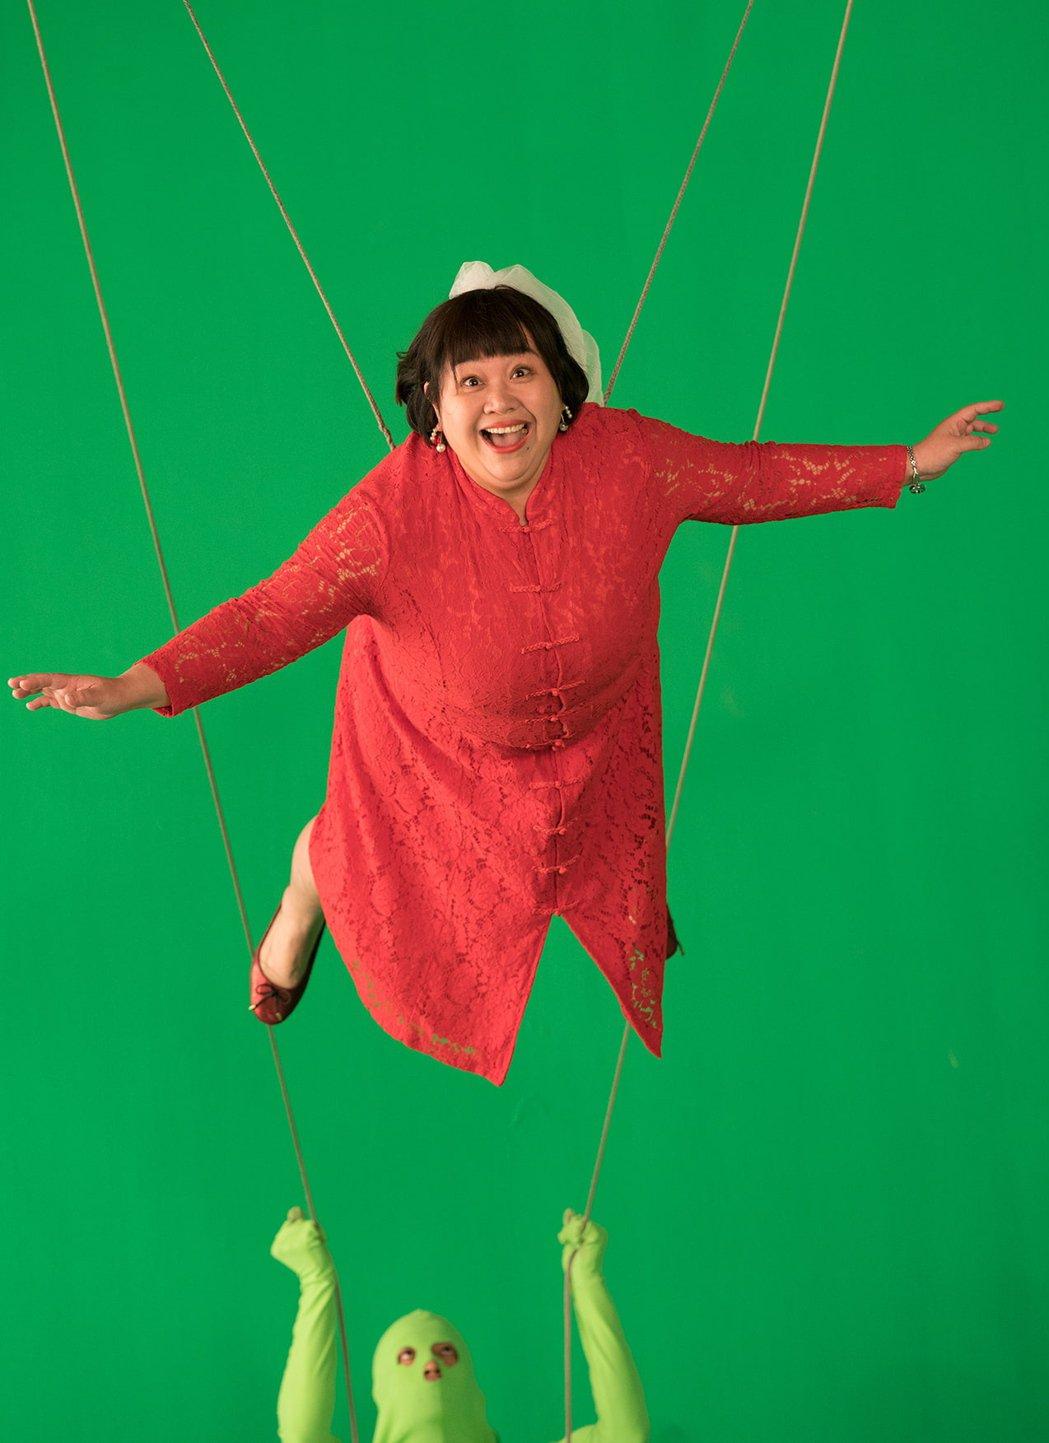 鍾欣凌在「揭大歡喜」吊鋼絲演出逗趣情節。圖/海鵬提供